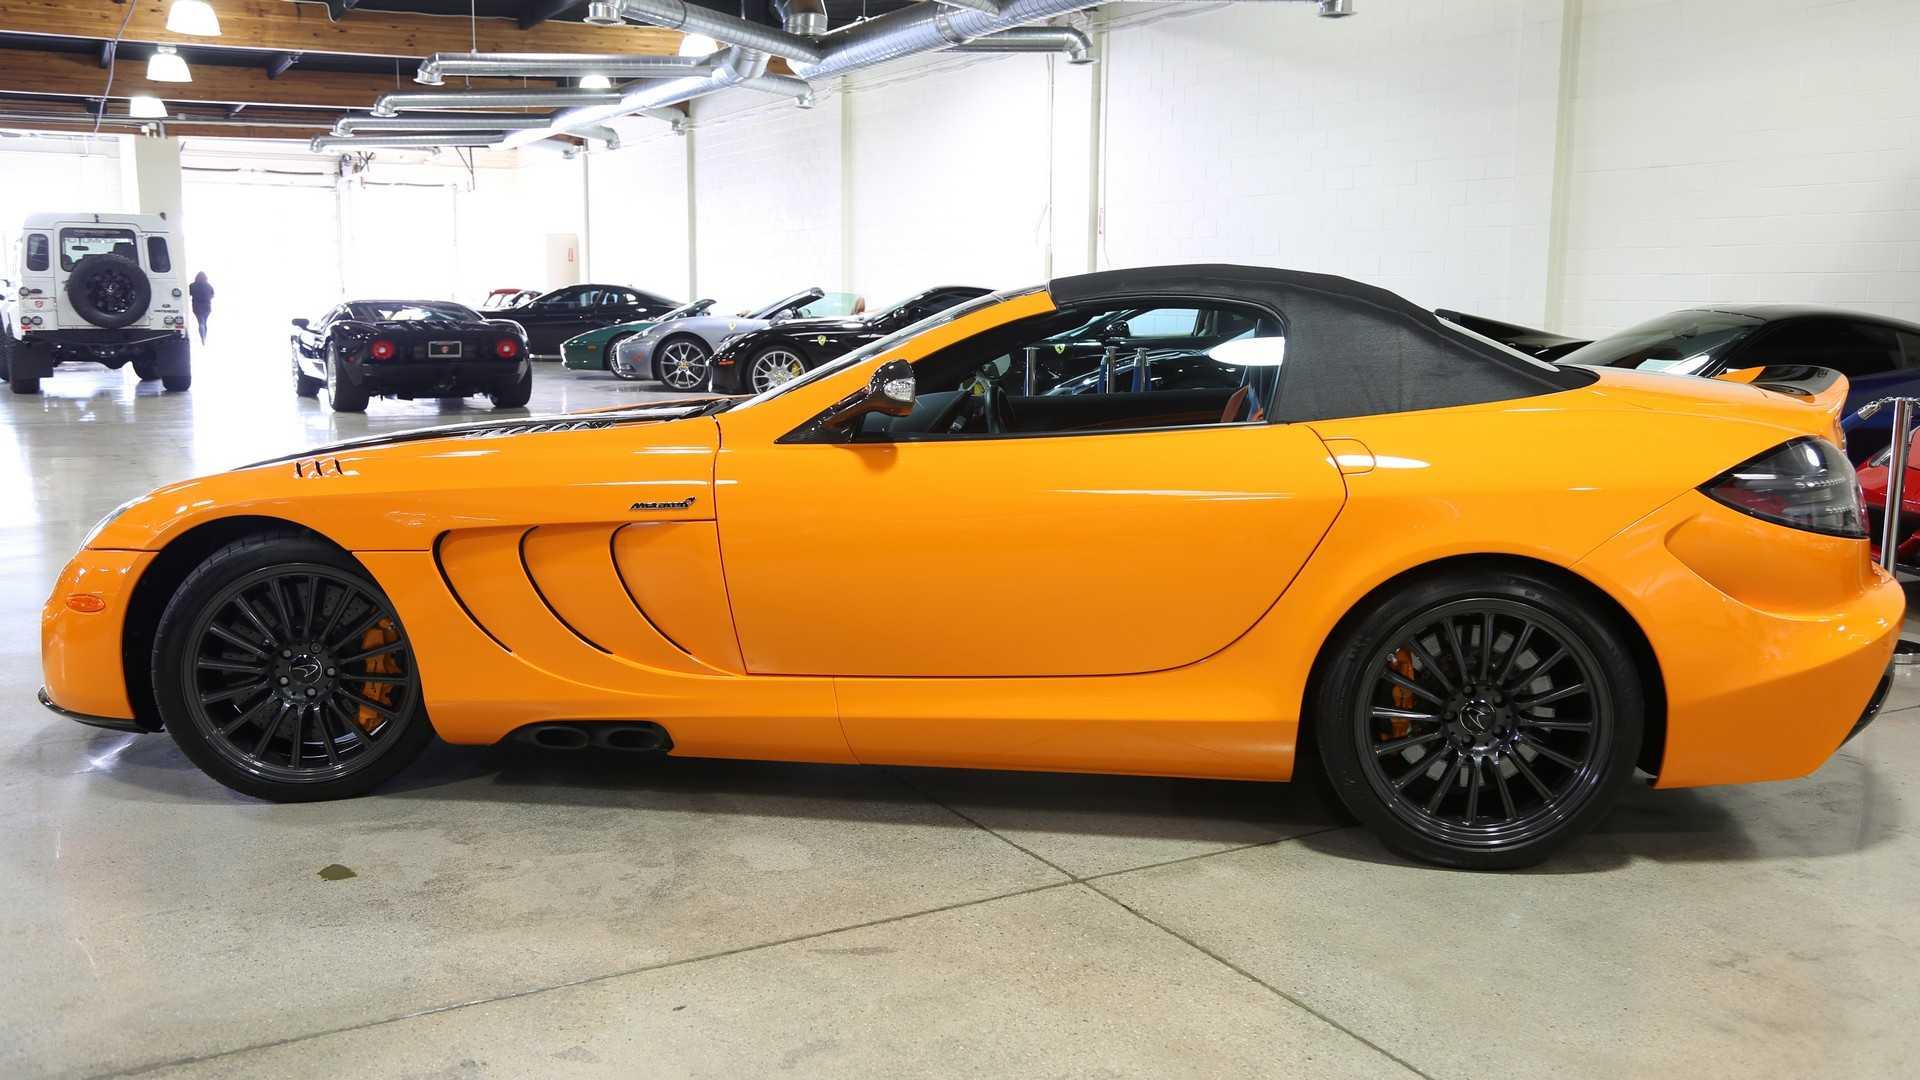 Mercedes-McLaren_SLR_722S_Roadster_McLaren_Edition_0005